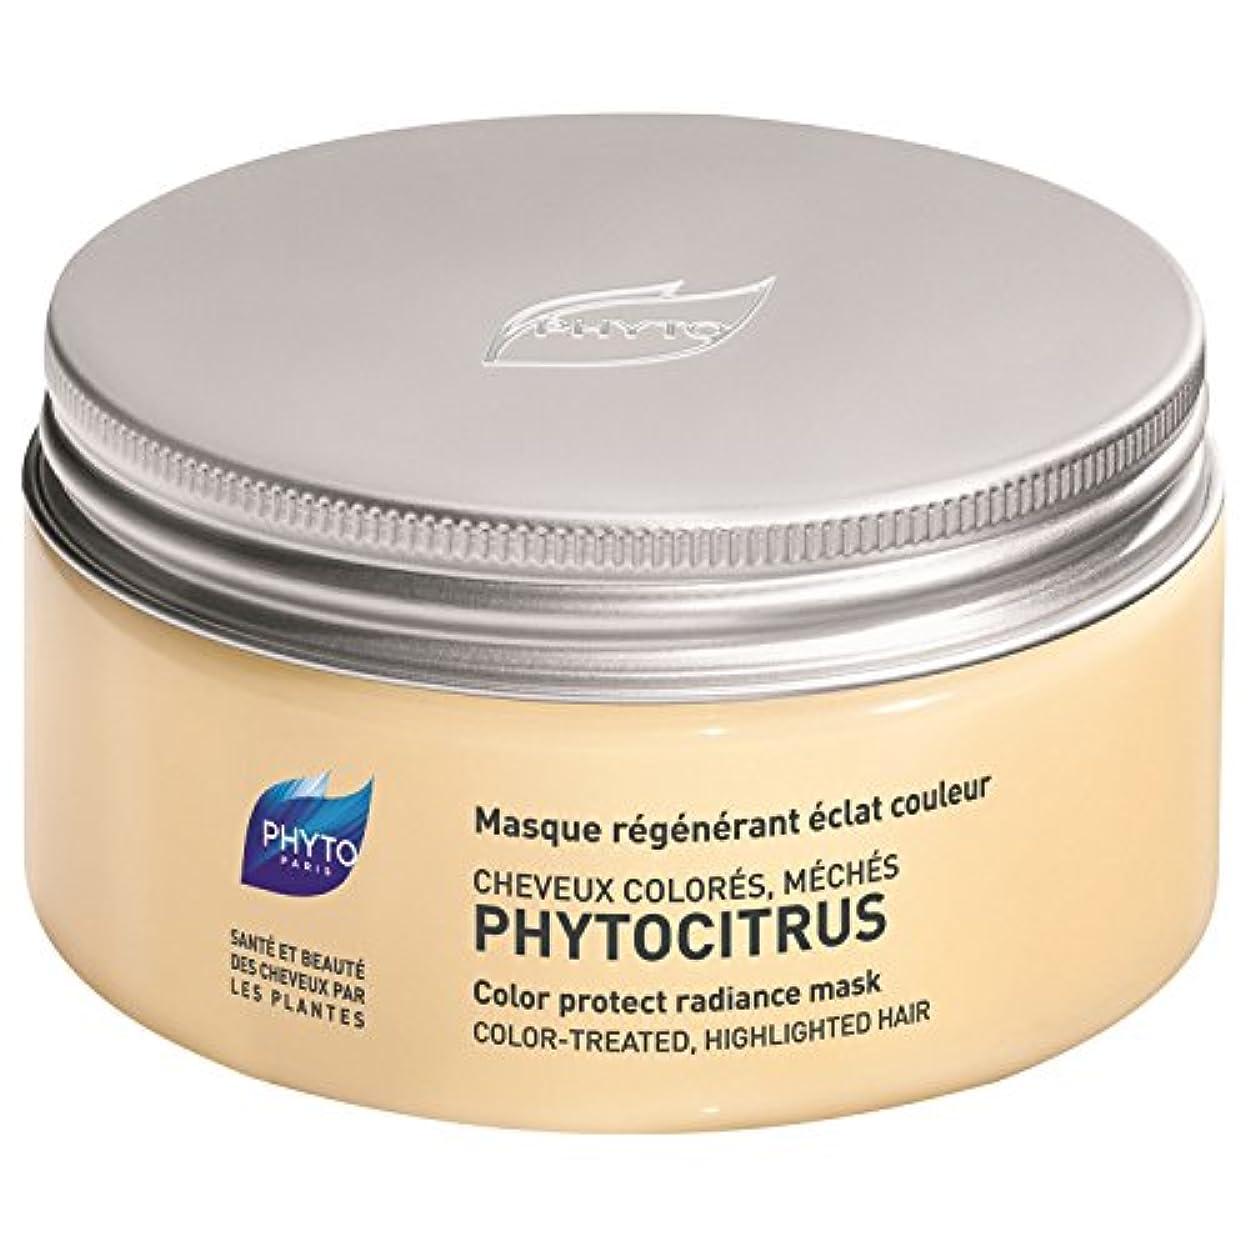 はげまで観光に行くフィトPhytocitrus色保護放射輝度マスク200ミリリットル (Phyto) (x2) - Phyto Phytocitrus Colour Protect Radiance Mask 200ml (Pack of...